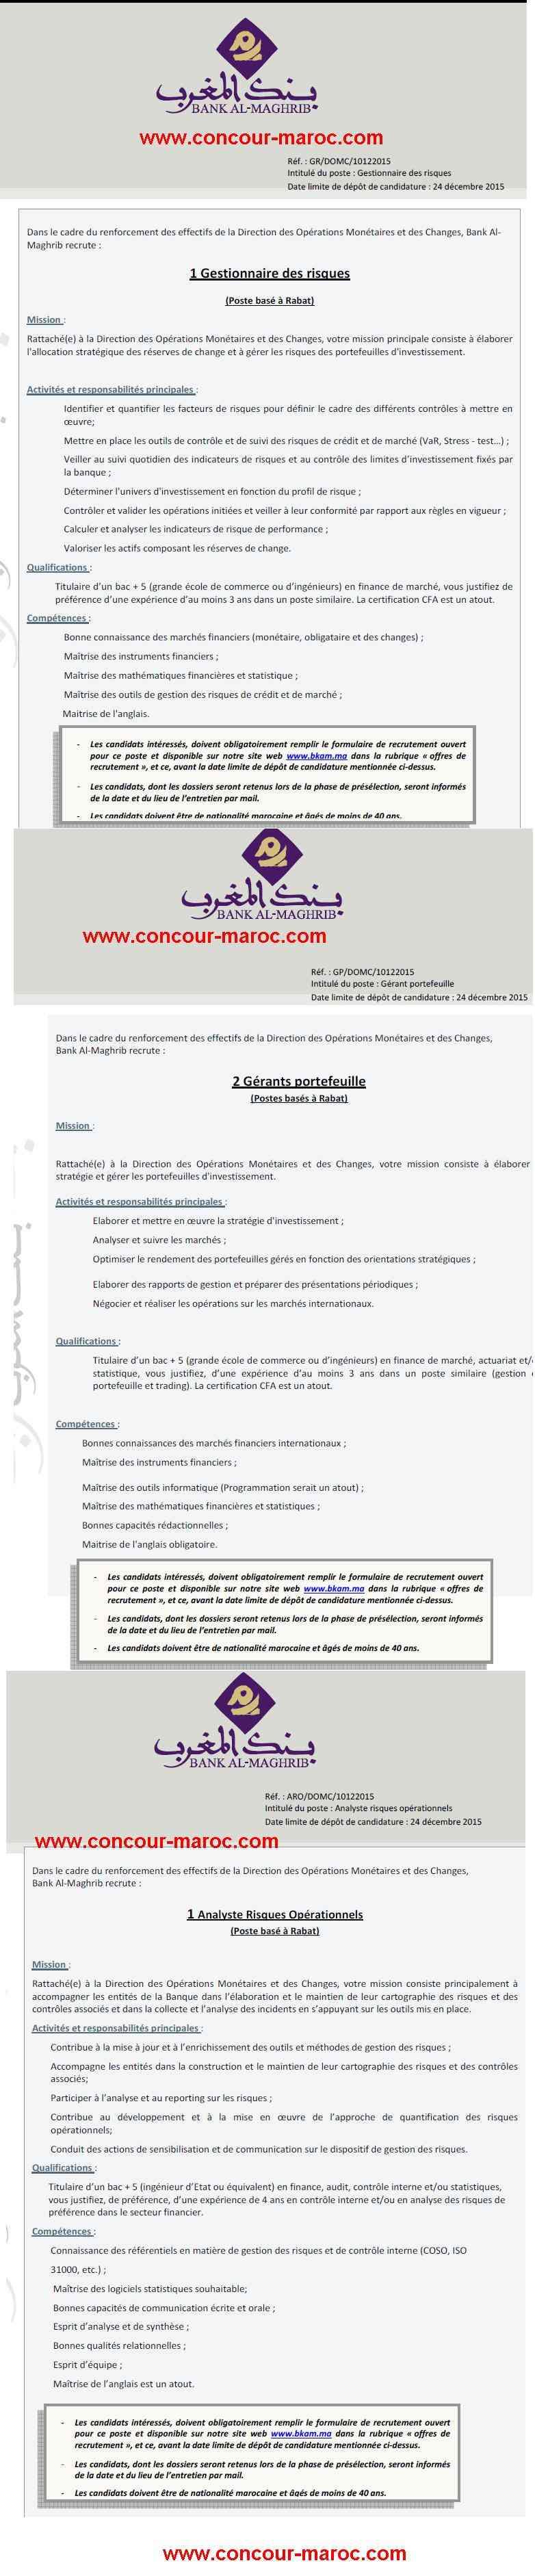 Bank Al-Maghrib : avis de concours de recrutement de Opérateurs back-office marché (3 postes) & Analyste risques opérationnels (1 poste) & Gérant Portefeuille (2 postes) & Gestionnaire des risques (1 poste) avant le 24 décembre 2015 Concou55